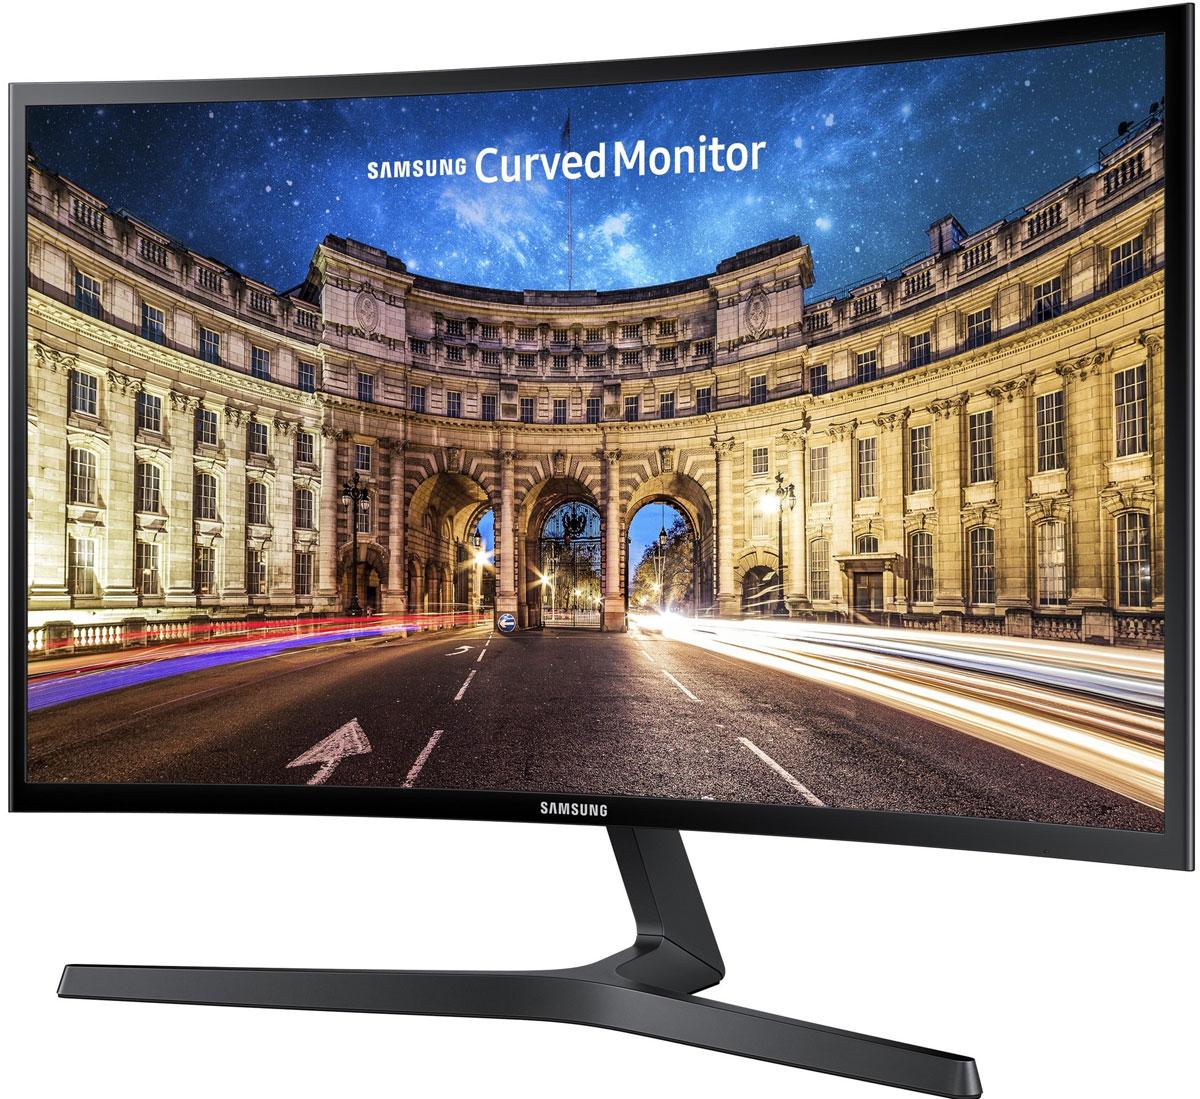 Samsung LC27F396FHI, Black мониторLC27F396FHIXCIОщутите поистине захватывающие эмоции от просмотра или работы с необычайно изогнутым монитором Samsung. Линия изгиба изогнутого монитора такая же как у экрана в кинотеатре iMax и составляет 1 800 R или 1 800 мм (радиус дуги по которой изогнут экран), что создает более широкое поле зрения, повышает глубину восприятия картинки и сводит к минимуму отвлечения по периферии. Таким образом, любимое ТВ-шоу, гоночная игра и другой медиа-контент подарят совершенно иной, незабываемый опыт.Более изогнутый экран для лучшего восприятия изображения. Изогнутый экран в мониторах появился как следствие изогнутости глаза человека, повторяя контур глаза удается достичь меньшей усталости благодаря более редкой фокусировке на изображении.Высокая статическая контрастность (3 000:1): высокое значение статической контрастности обеспечит глубокий черный цвет, удобную работу с текстом и яркие цвета в насыщенных сценах. Минимальный light leakage (утечка света): Используемая матрица с вертикальным выравниванием жидких кристаллов обеспечивает равномерную подсветку и глубокий черный цвет.Технология AMD FreeSync: Технология обеспечивает синхронизацию частоты обновления изображения с покадровой частотой PC, что минимизирует задержку вывода, снижает эффект наложение кадров и подвисание изображения во время игры. Режим Game Mode: режим обеспечивает автоматическую оптимизацию параметров изображения.